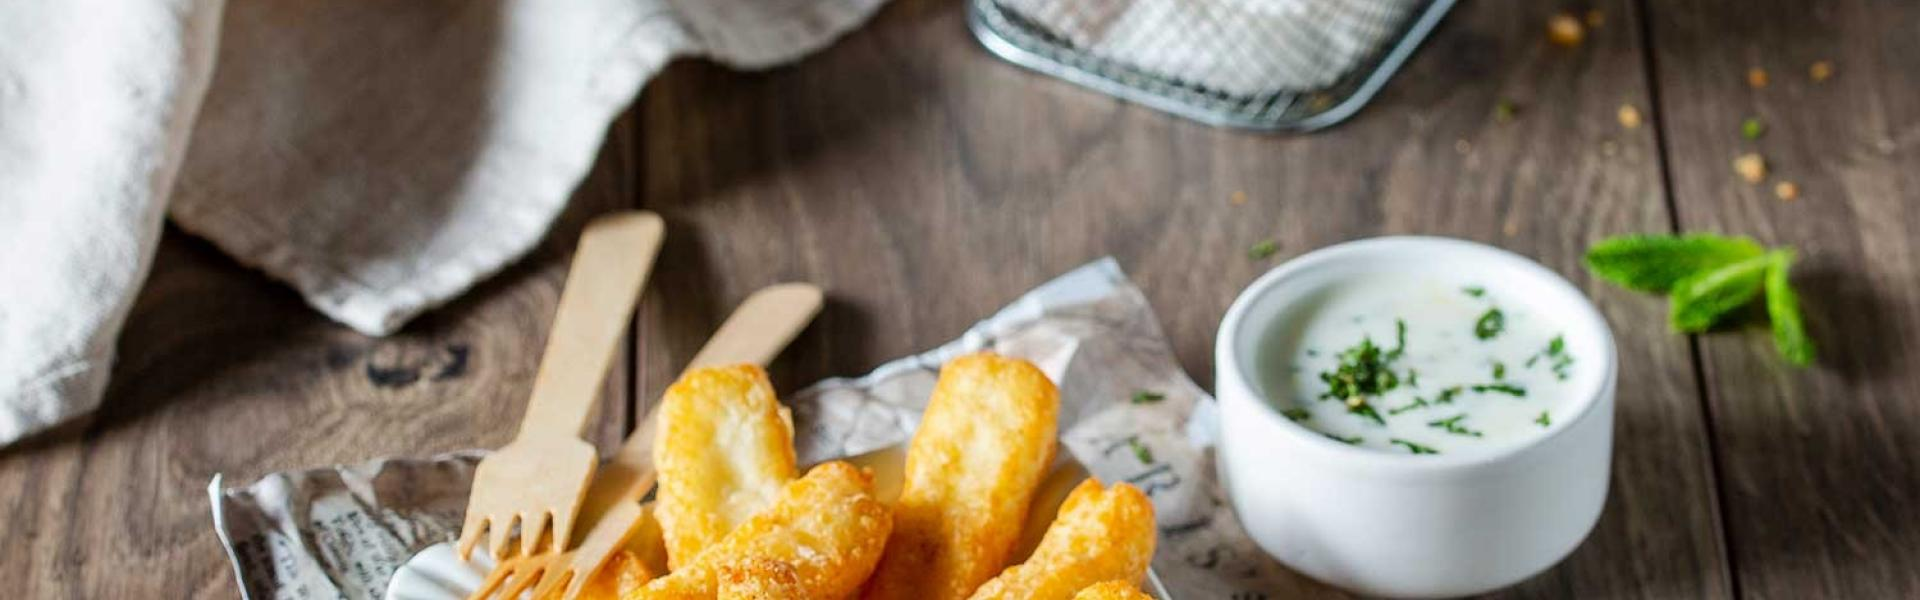 Halloumi Fries in Pommesschälchen und Minz-Joghurt.